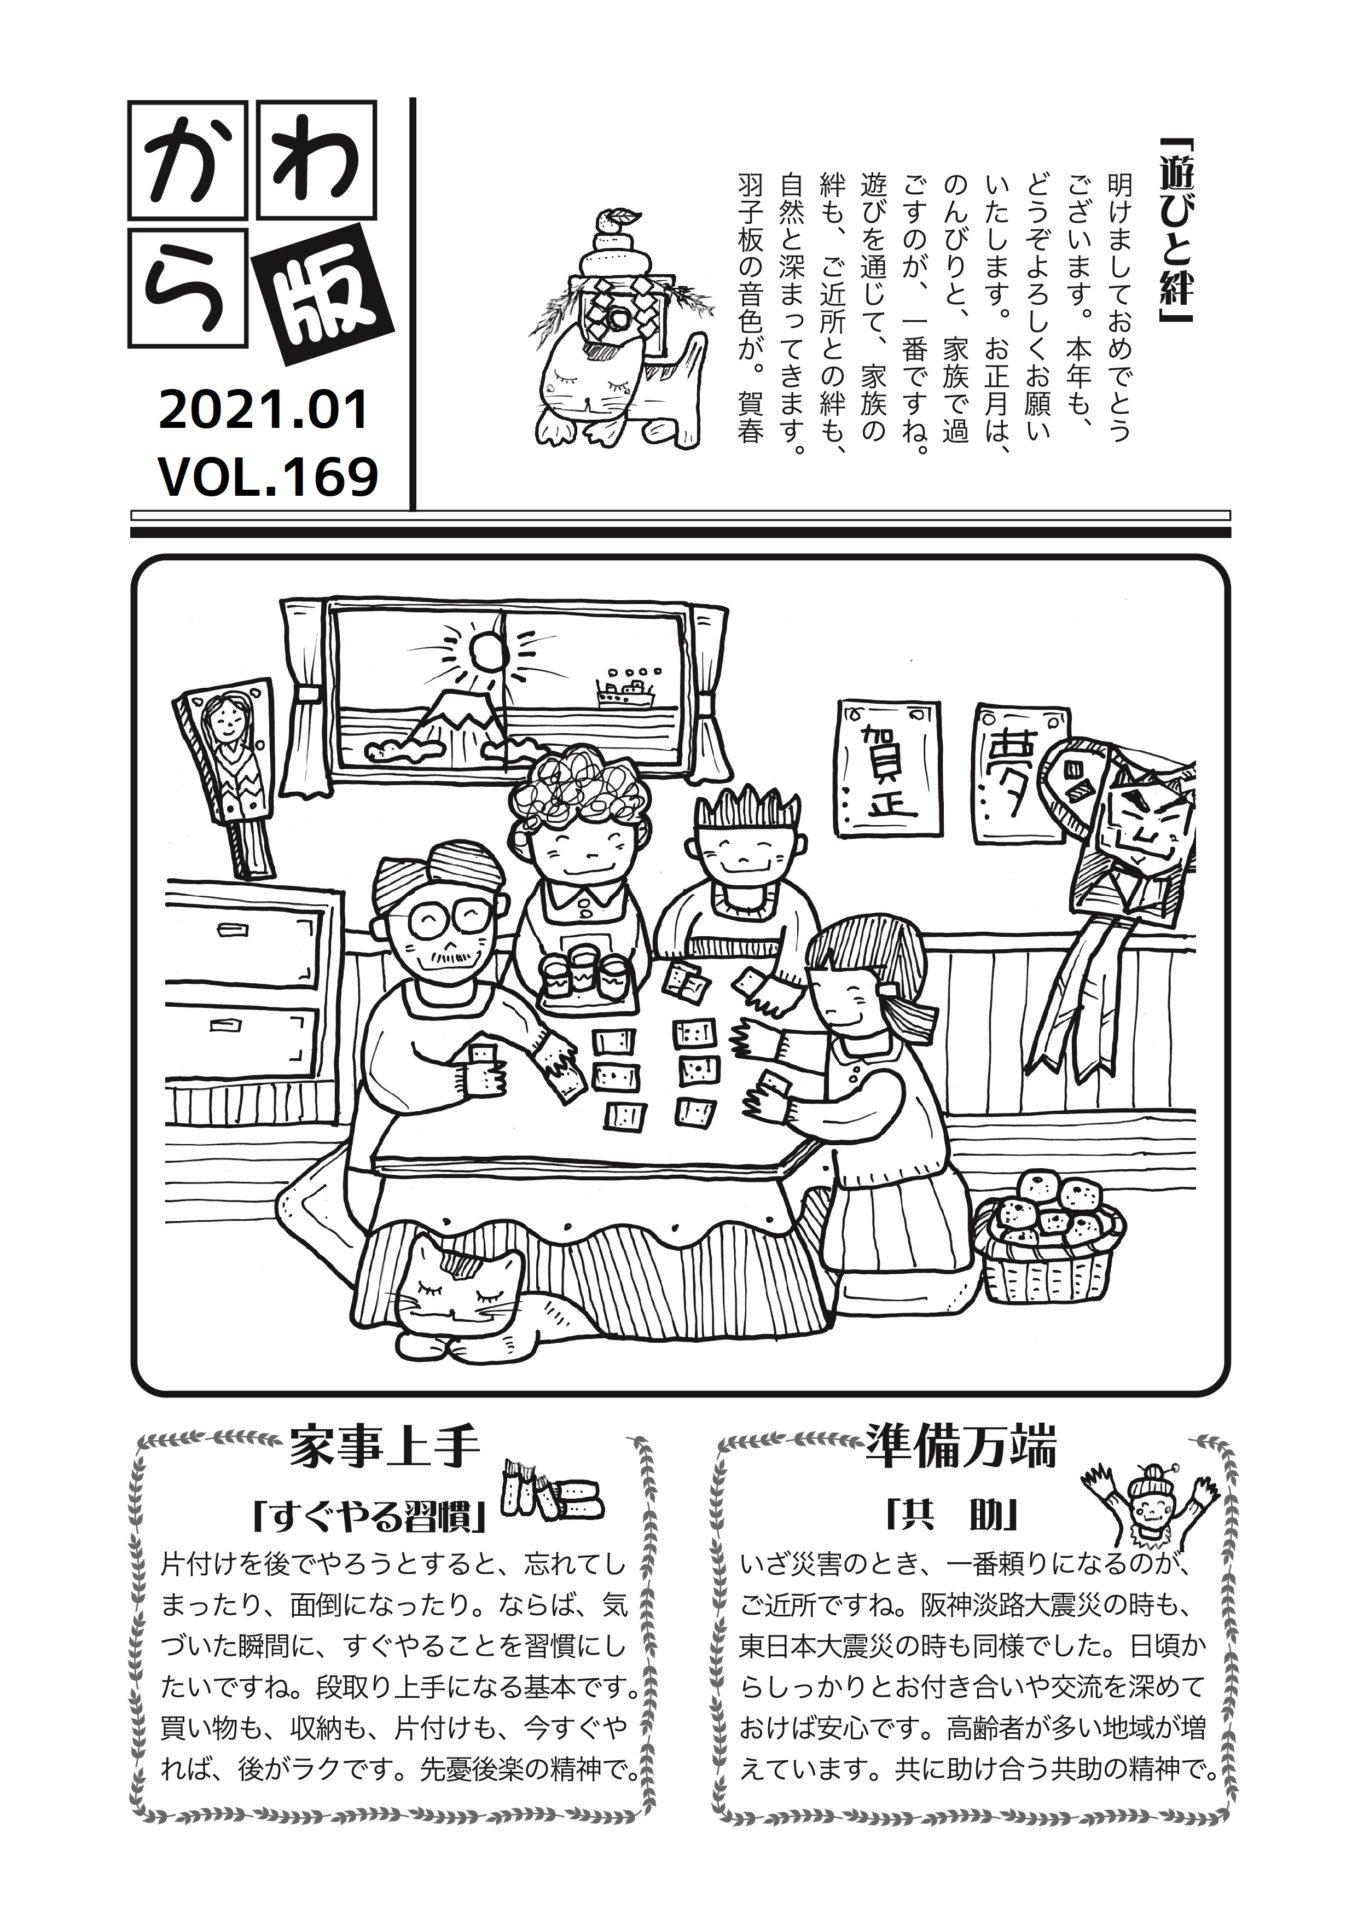 かわら版 vol.169 遊びと絆